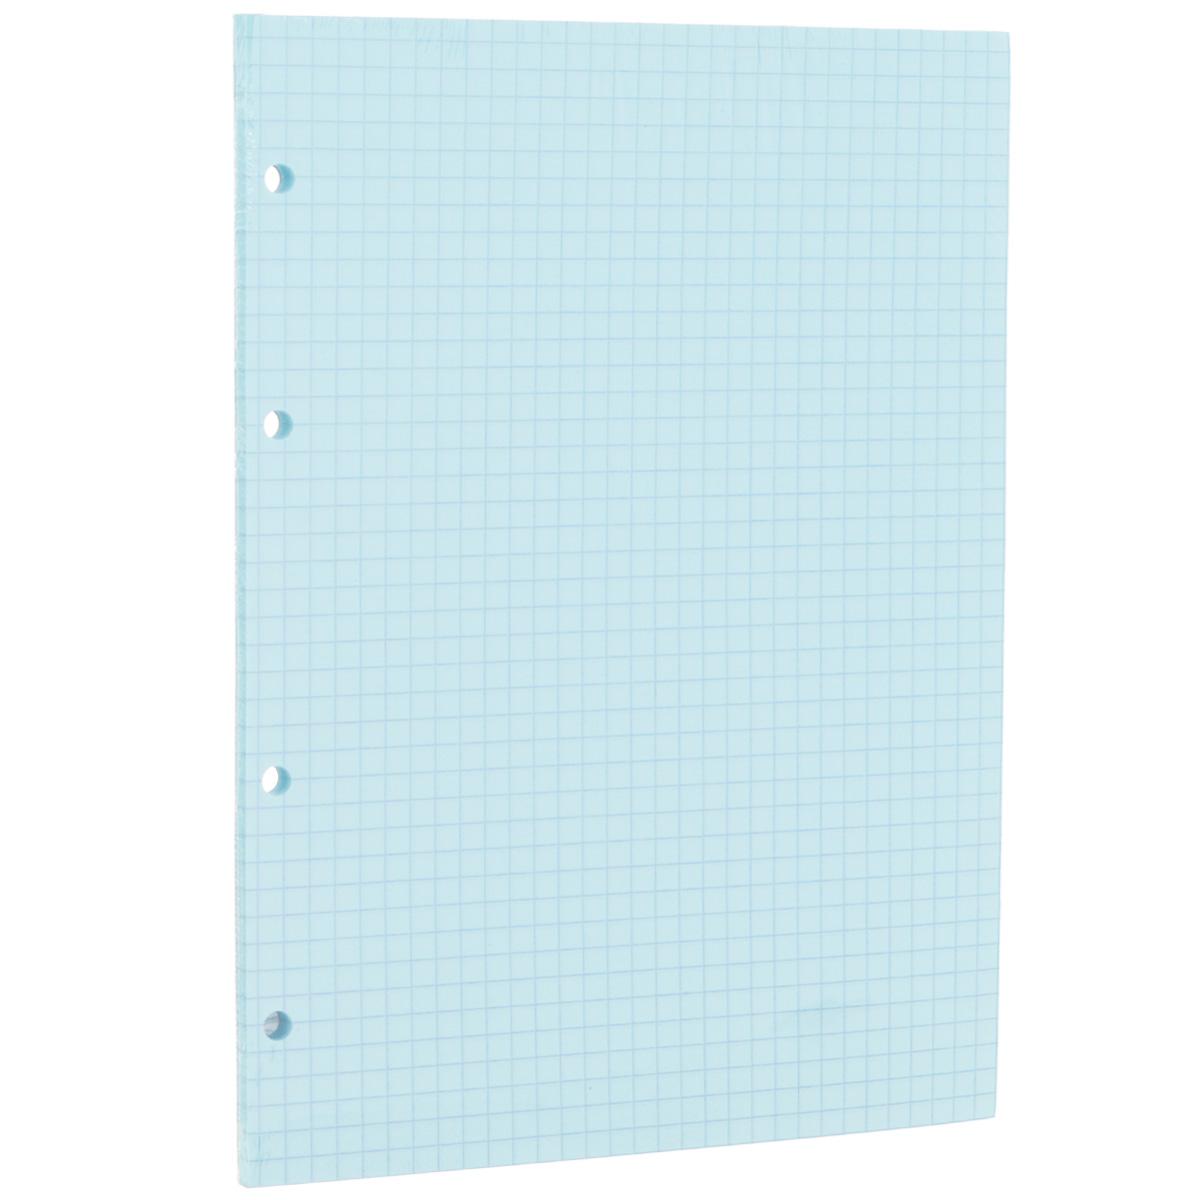 Сменный блок в клетку Erich Krause, для тетрадей на кольцах, цвет: голубой, 80 листов32993Сменный блок Erich Krause предназначен для тетрадей с кольцевым механизмом. Листы выполнены из бумаги голубого цвета в синюю клетку.